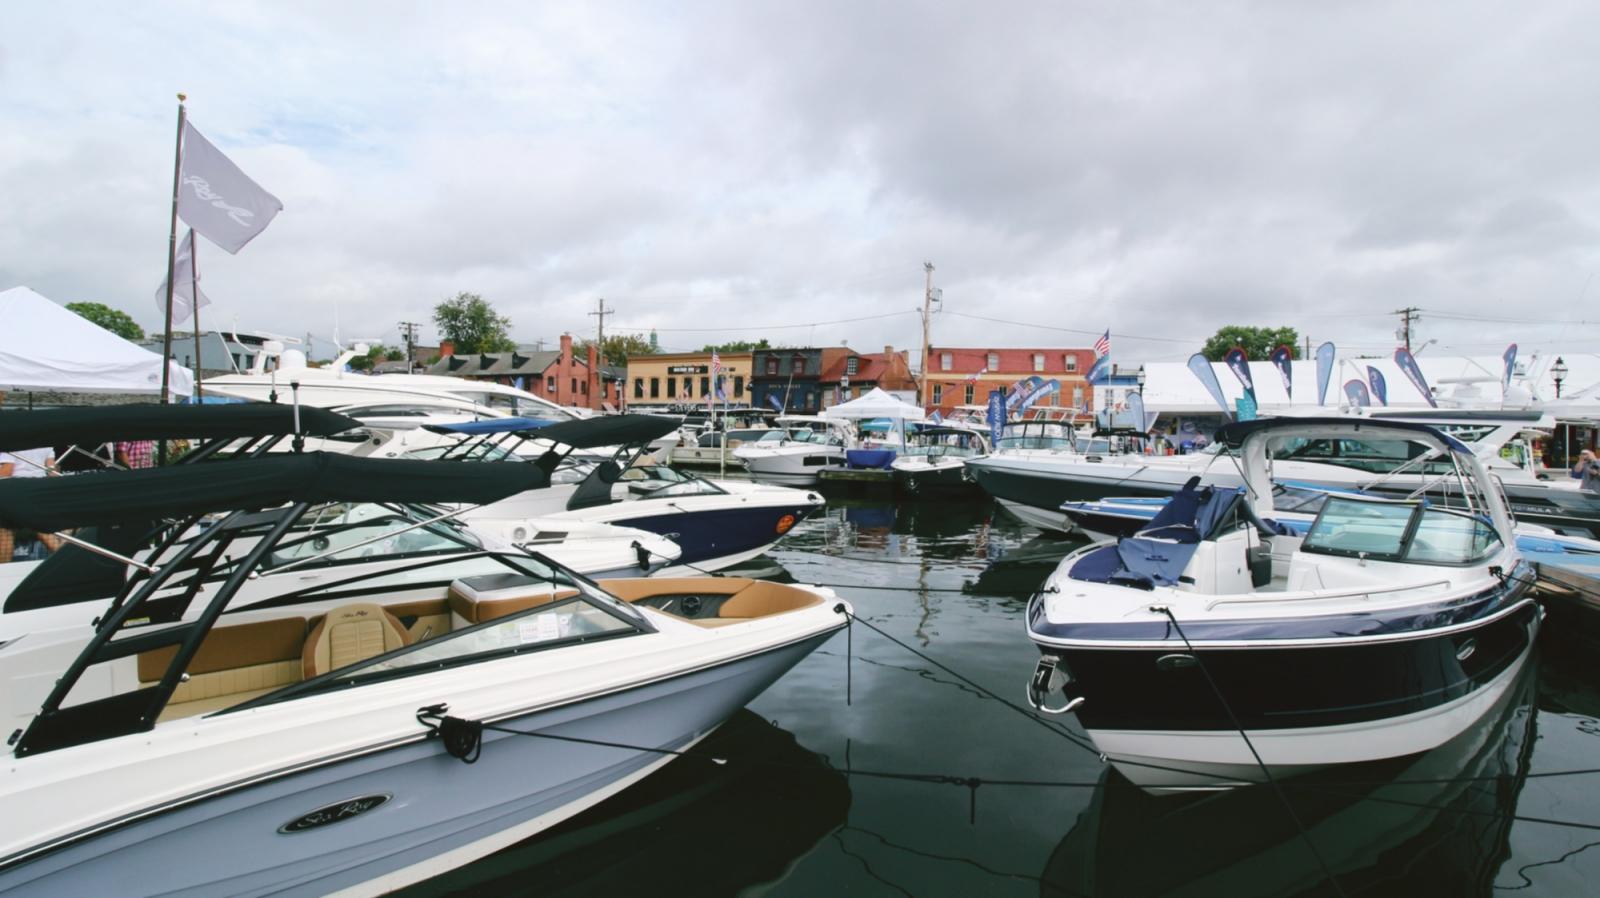 BoatShow3